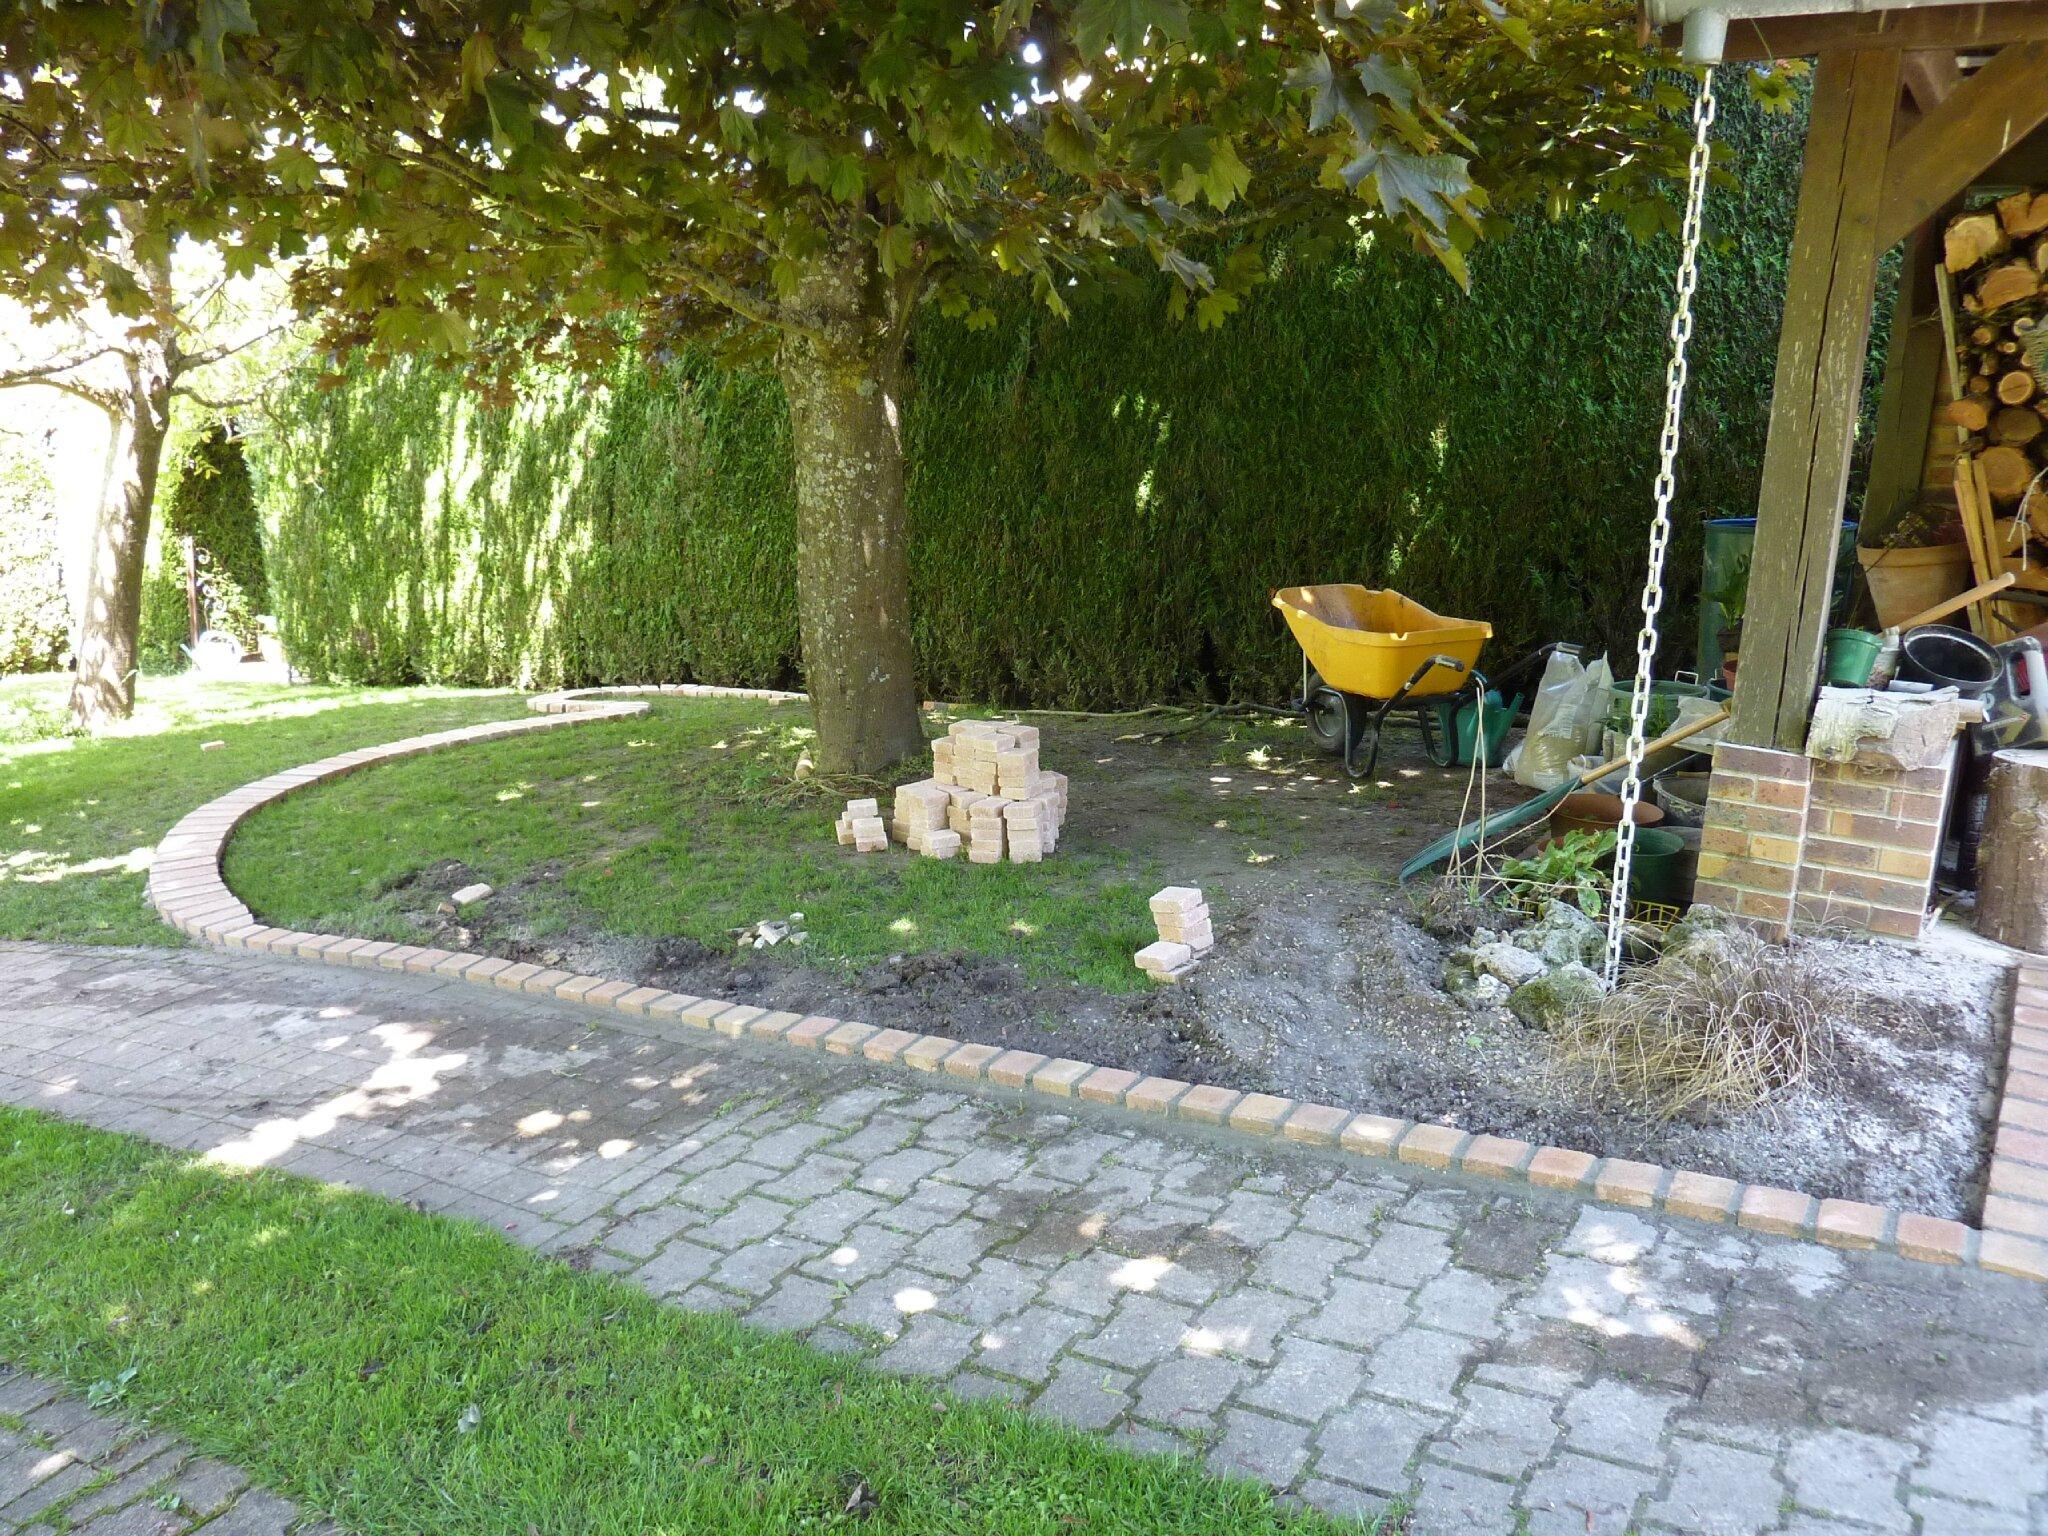 Sous l 39 ombre d 39 un arbre le jardin par passion for Jardin d aywiers 2016